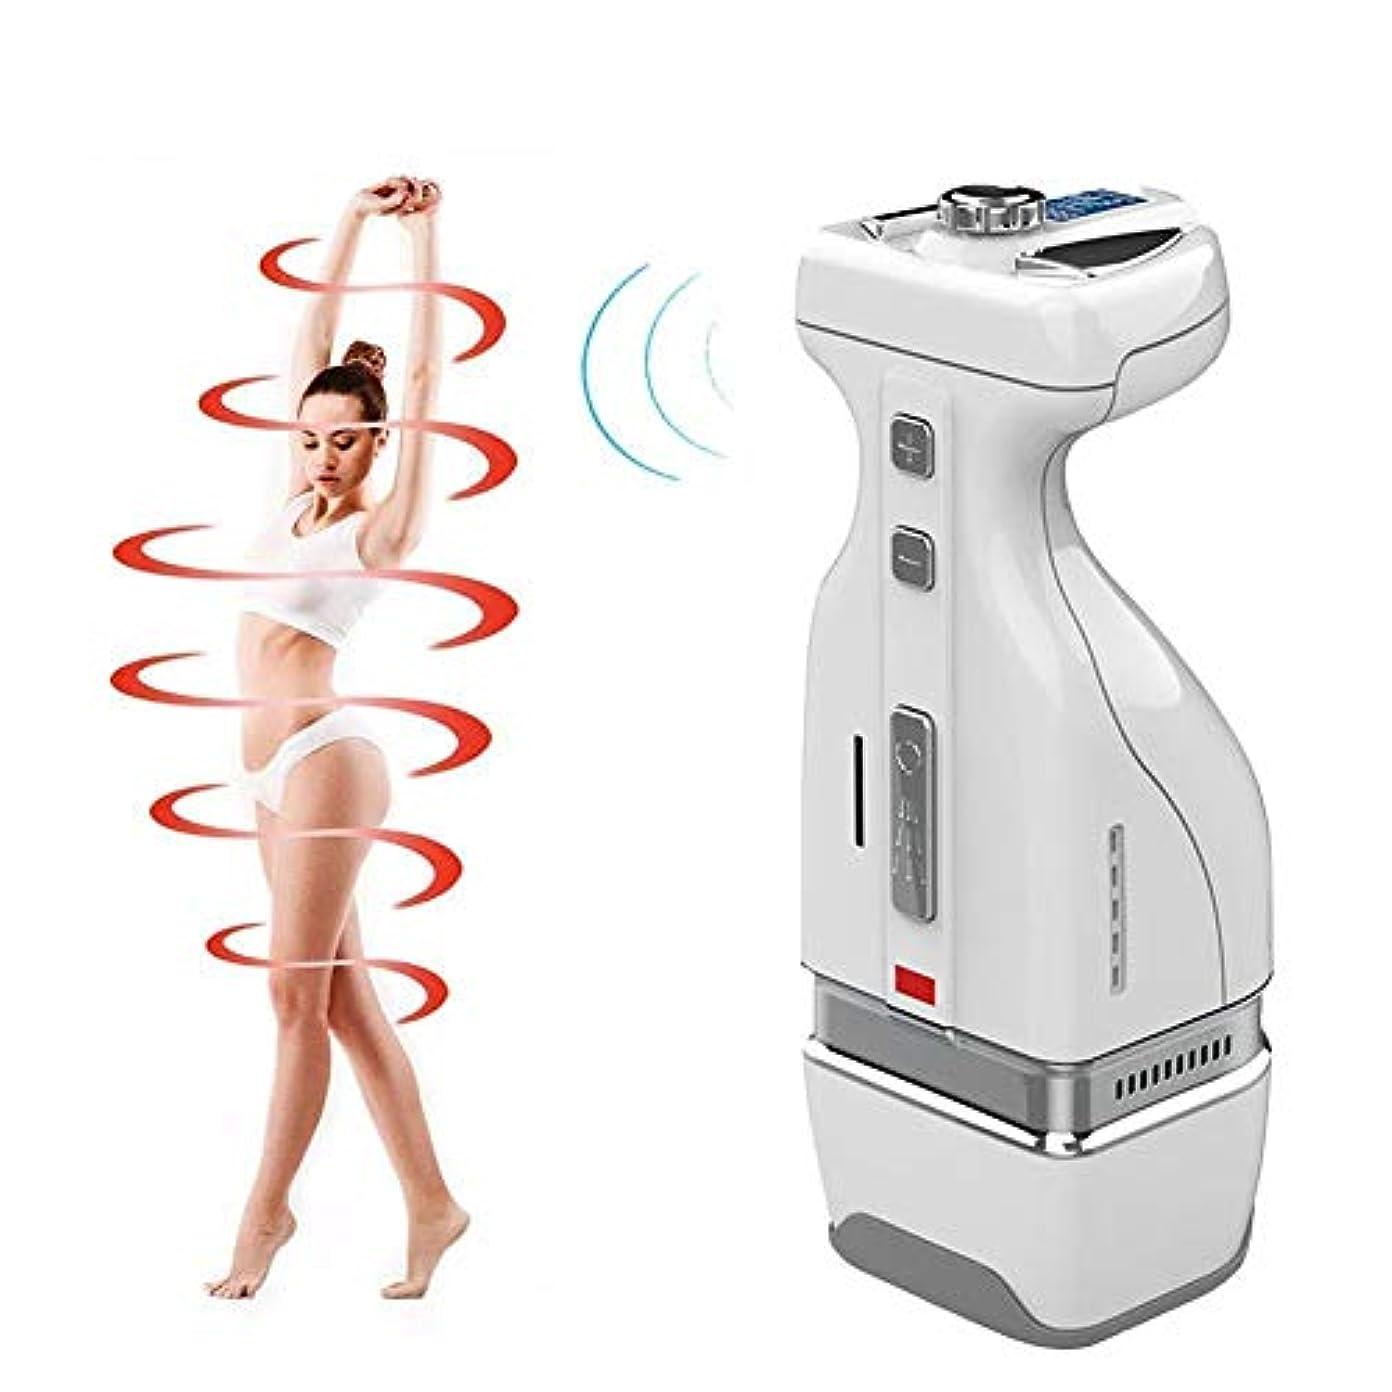 カプセルミュート高める無線周波数の振動HIFUの脂肪が付いているボディ形成のマッサージは細くする腕の足の胃、顔の美容院装置をきつく締めるための美装置を取除きます